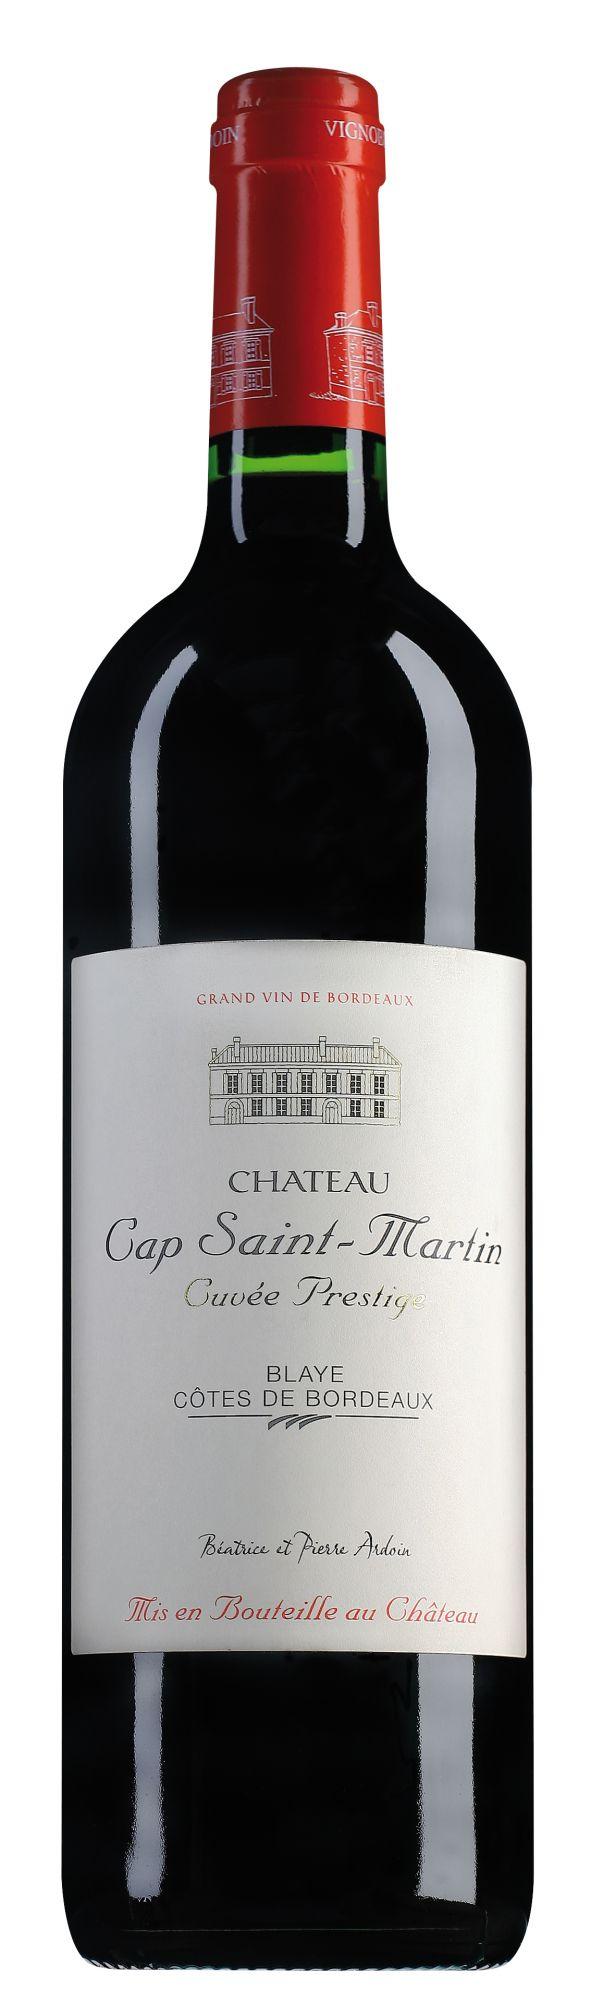 Château Cap Saint Martin Blaye Côtes de Bordeaux Cuvée Prestige in originele kist met 6 flessen